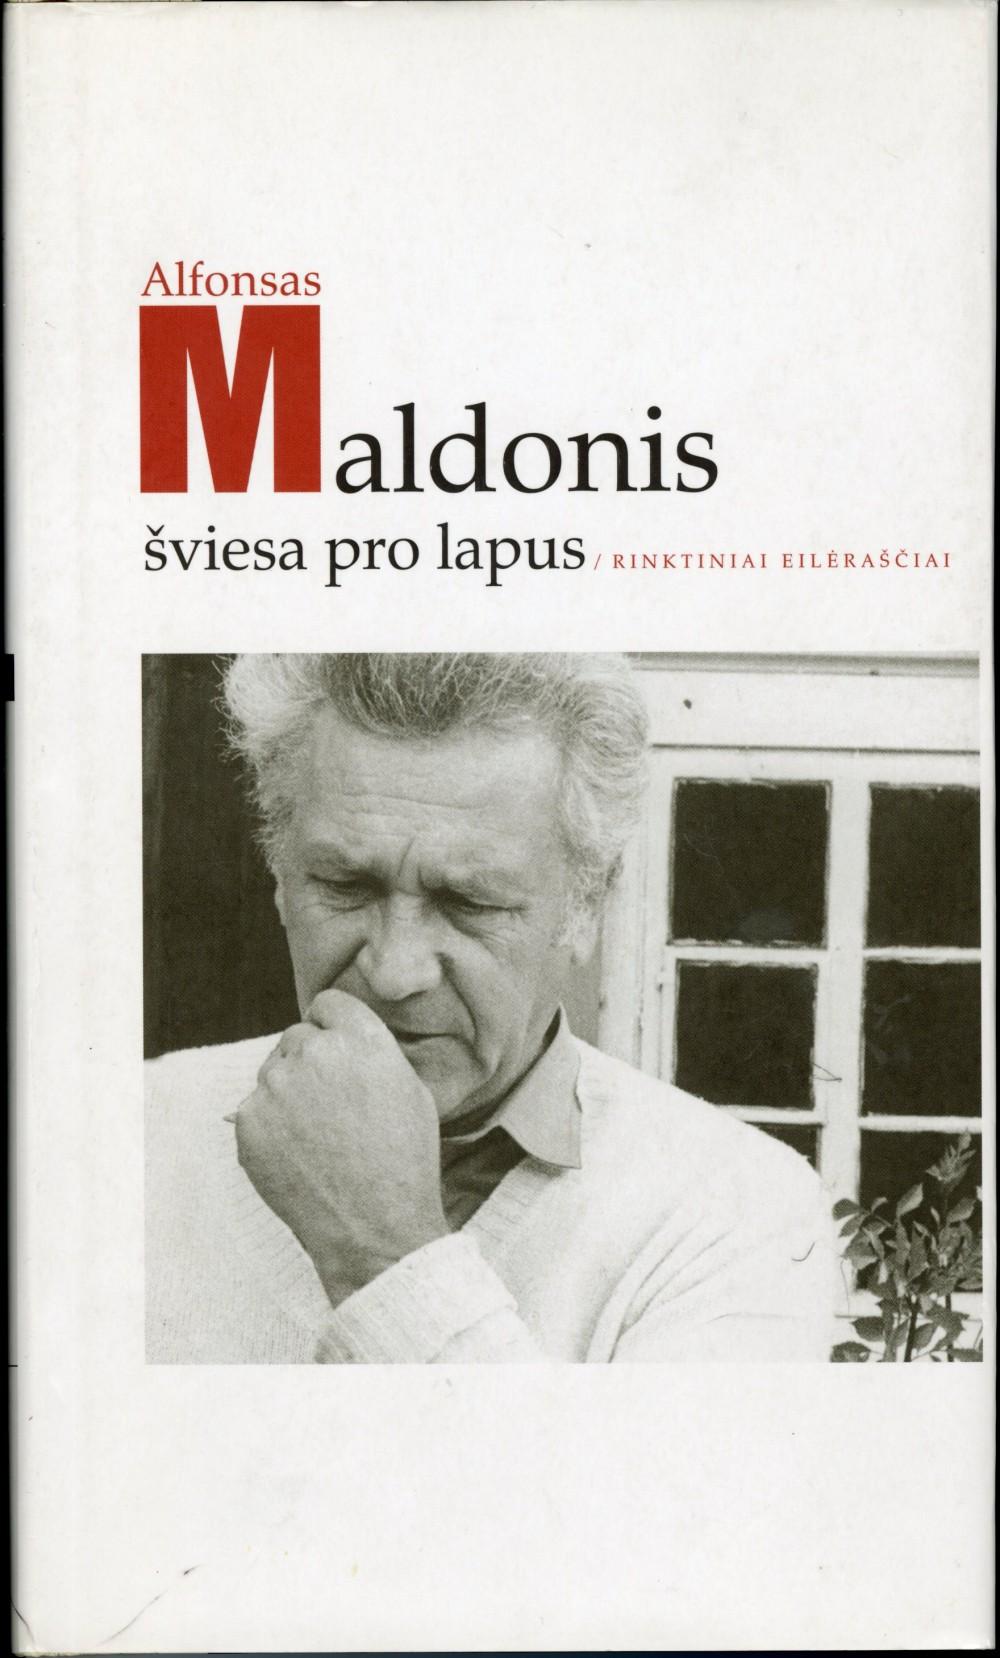 """""""Šviesa pro lapus"""" – rinktinių eilėraščių knyga, kuri aprėpia visą A. Maldonio kūrybos kelią. 2009 m."""